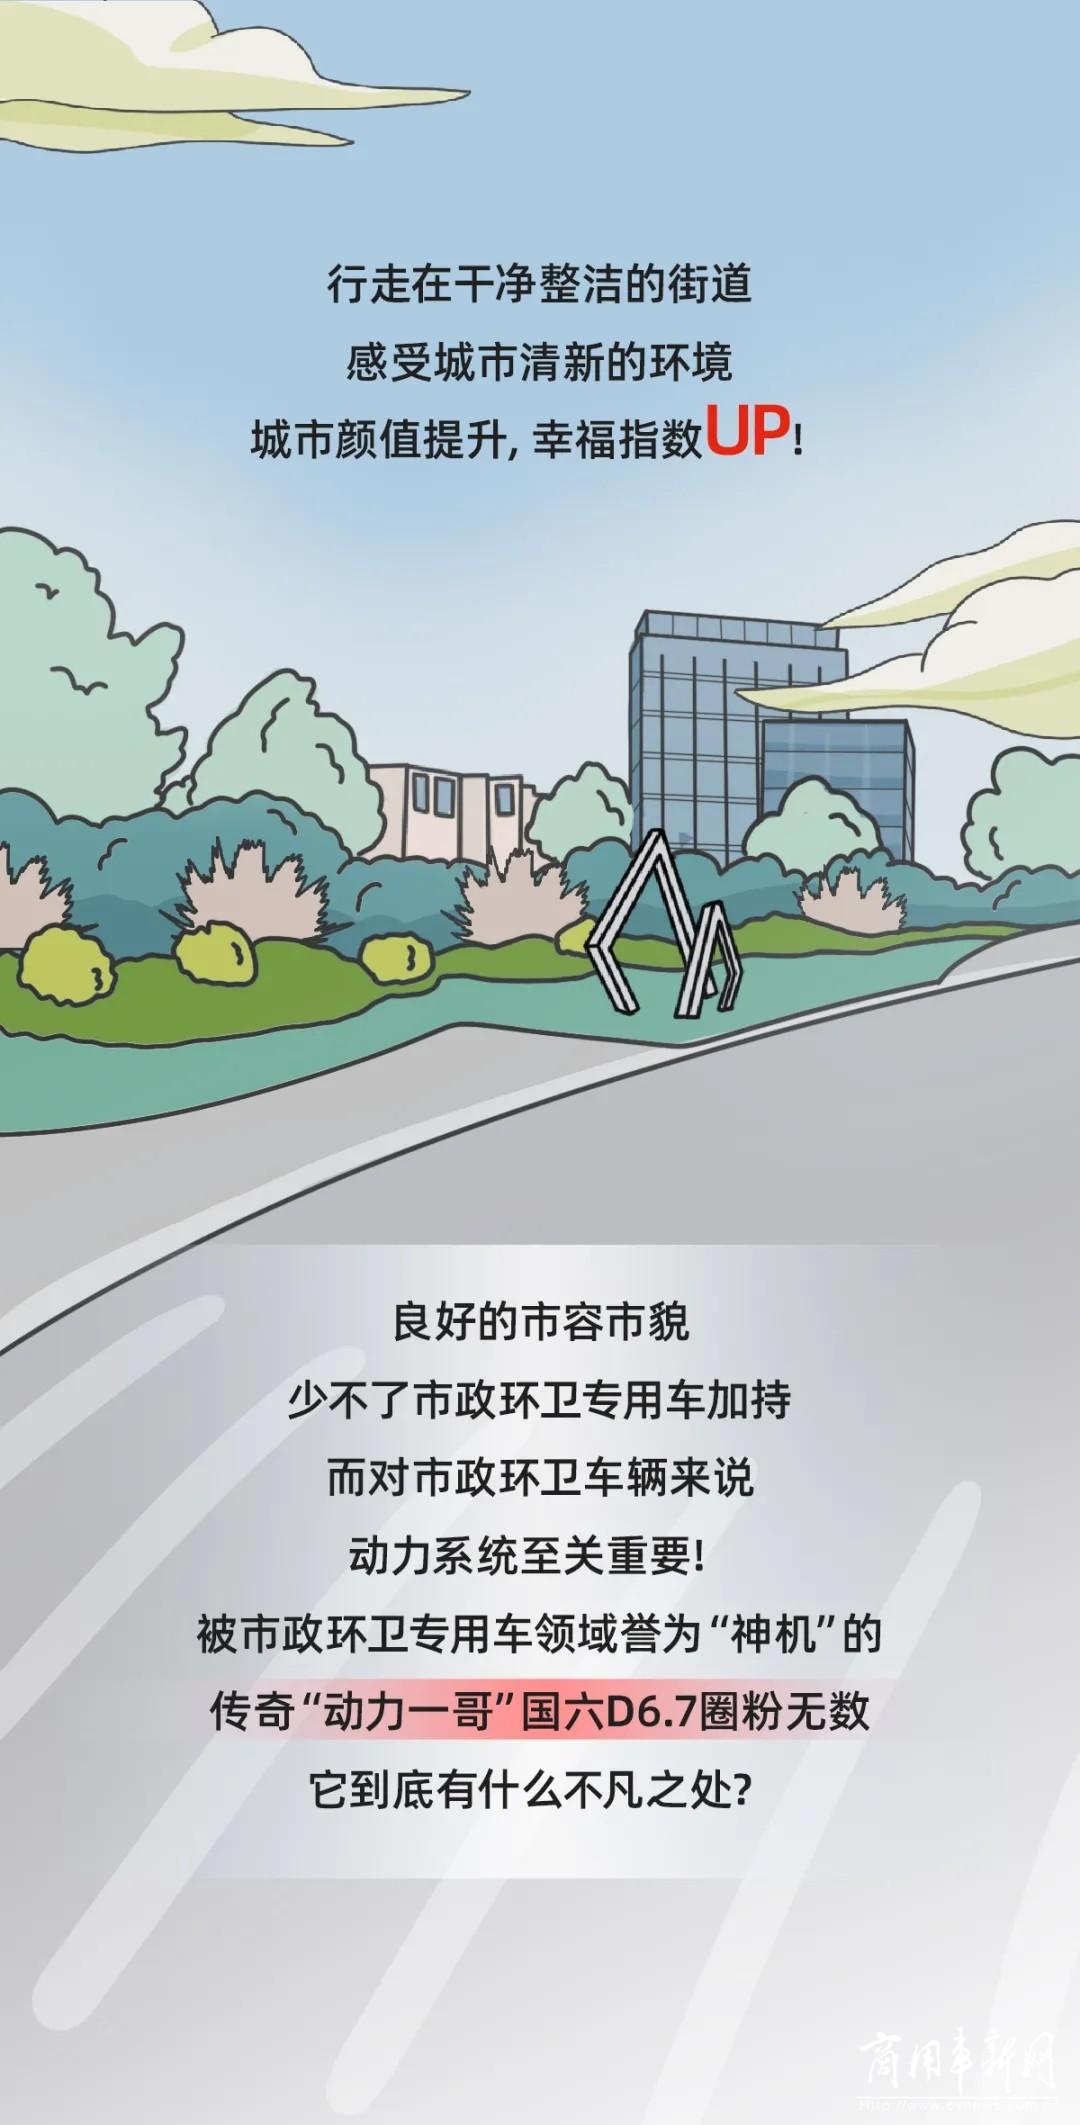 """可靠稳定国六D6.7,市政环卫领域""""芯""""劳模"""